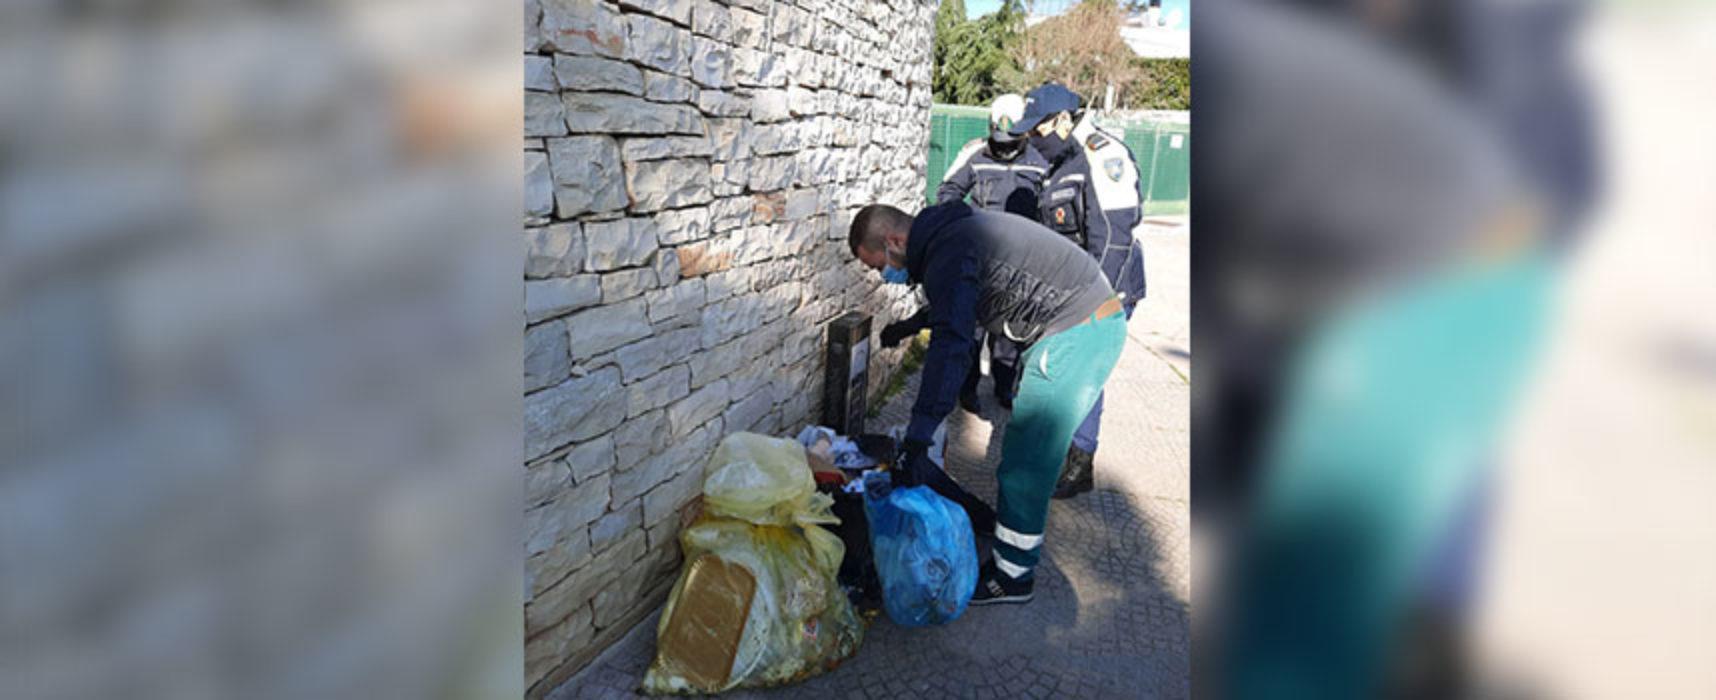 """""""Arresta l'abbandono di rifiuti"""", campagna di sensibilizzazione del Comune di Bisceglie"""